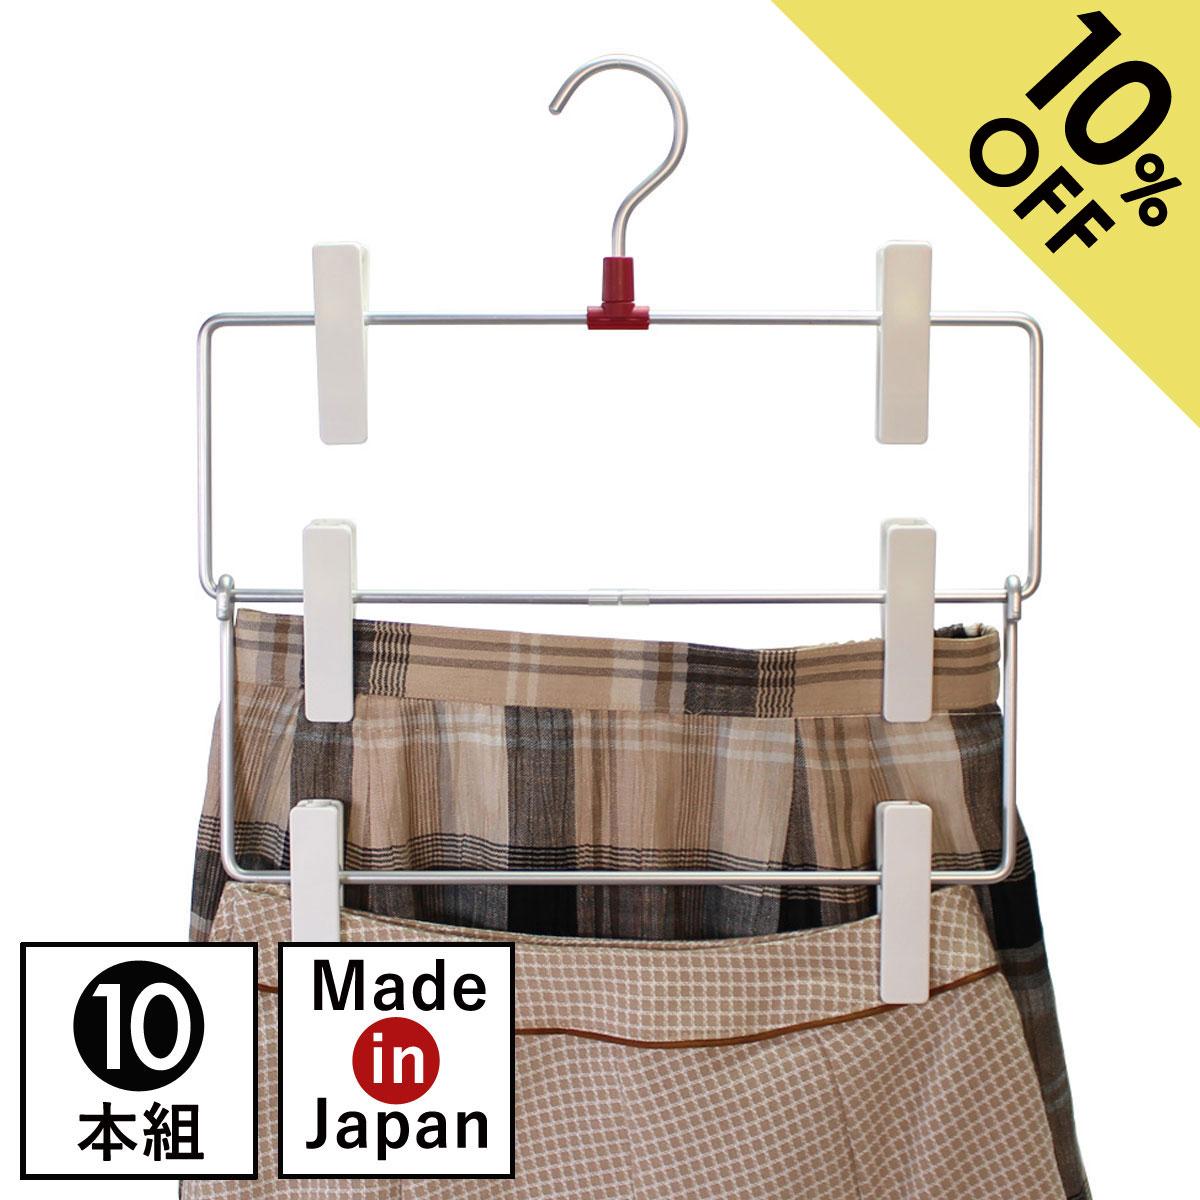 【最大2,000円OFFクーポン】ハンガー クリップ おしゃれ 日本製 アルミ ハンガーキャット METALシリーズ スカートハンガー3段 10本組